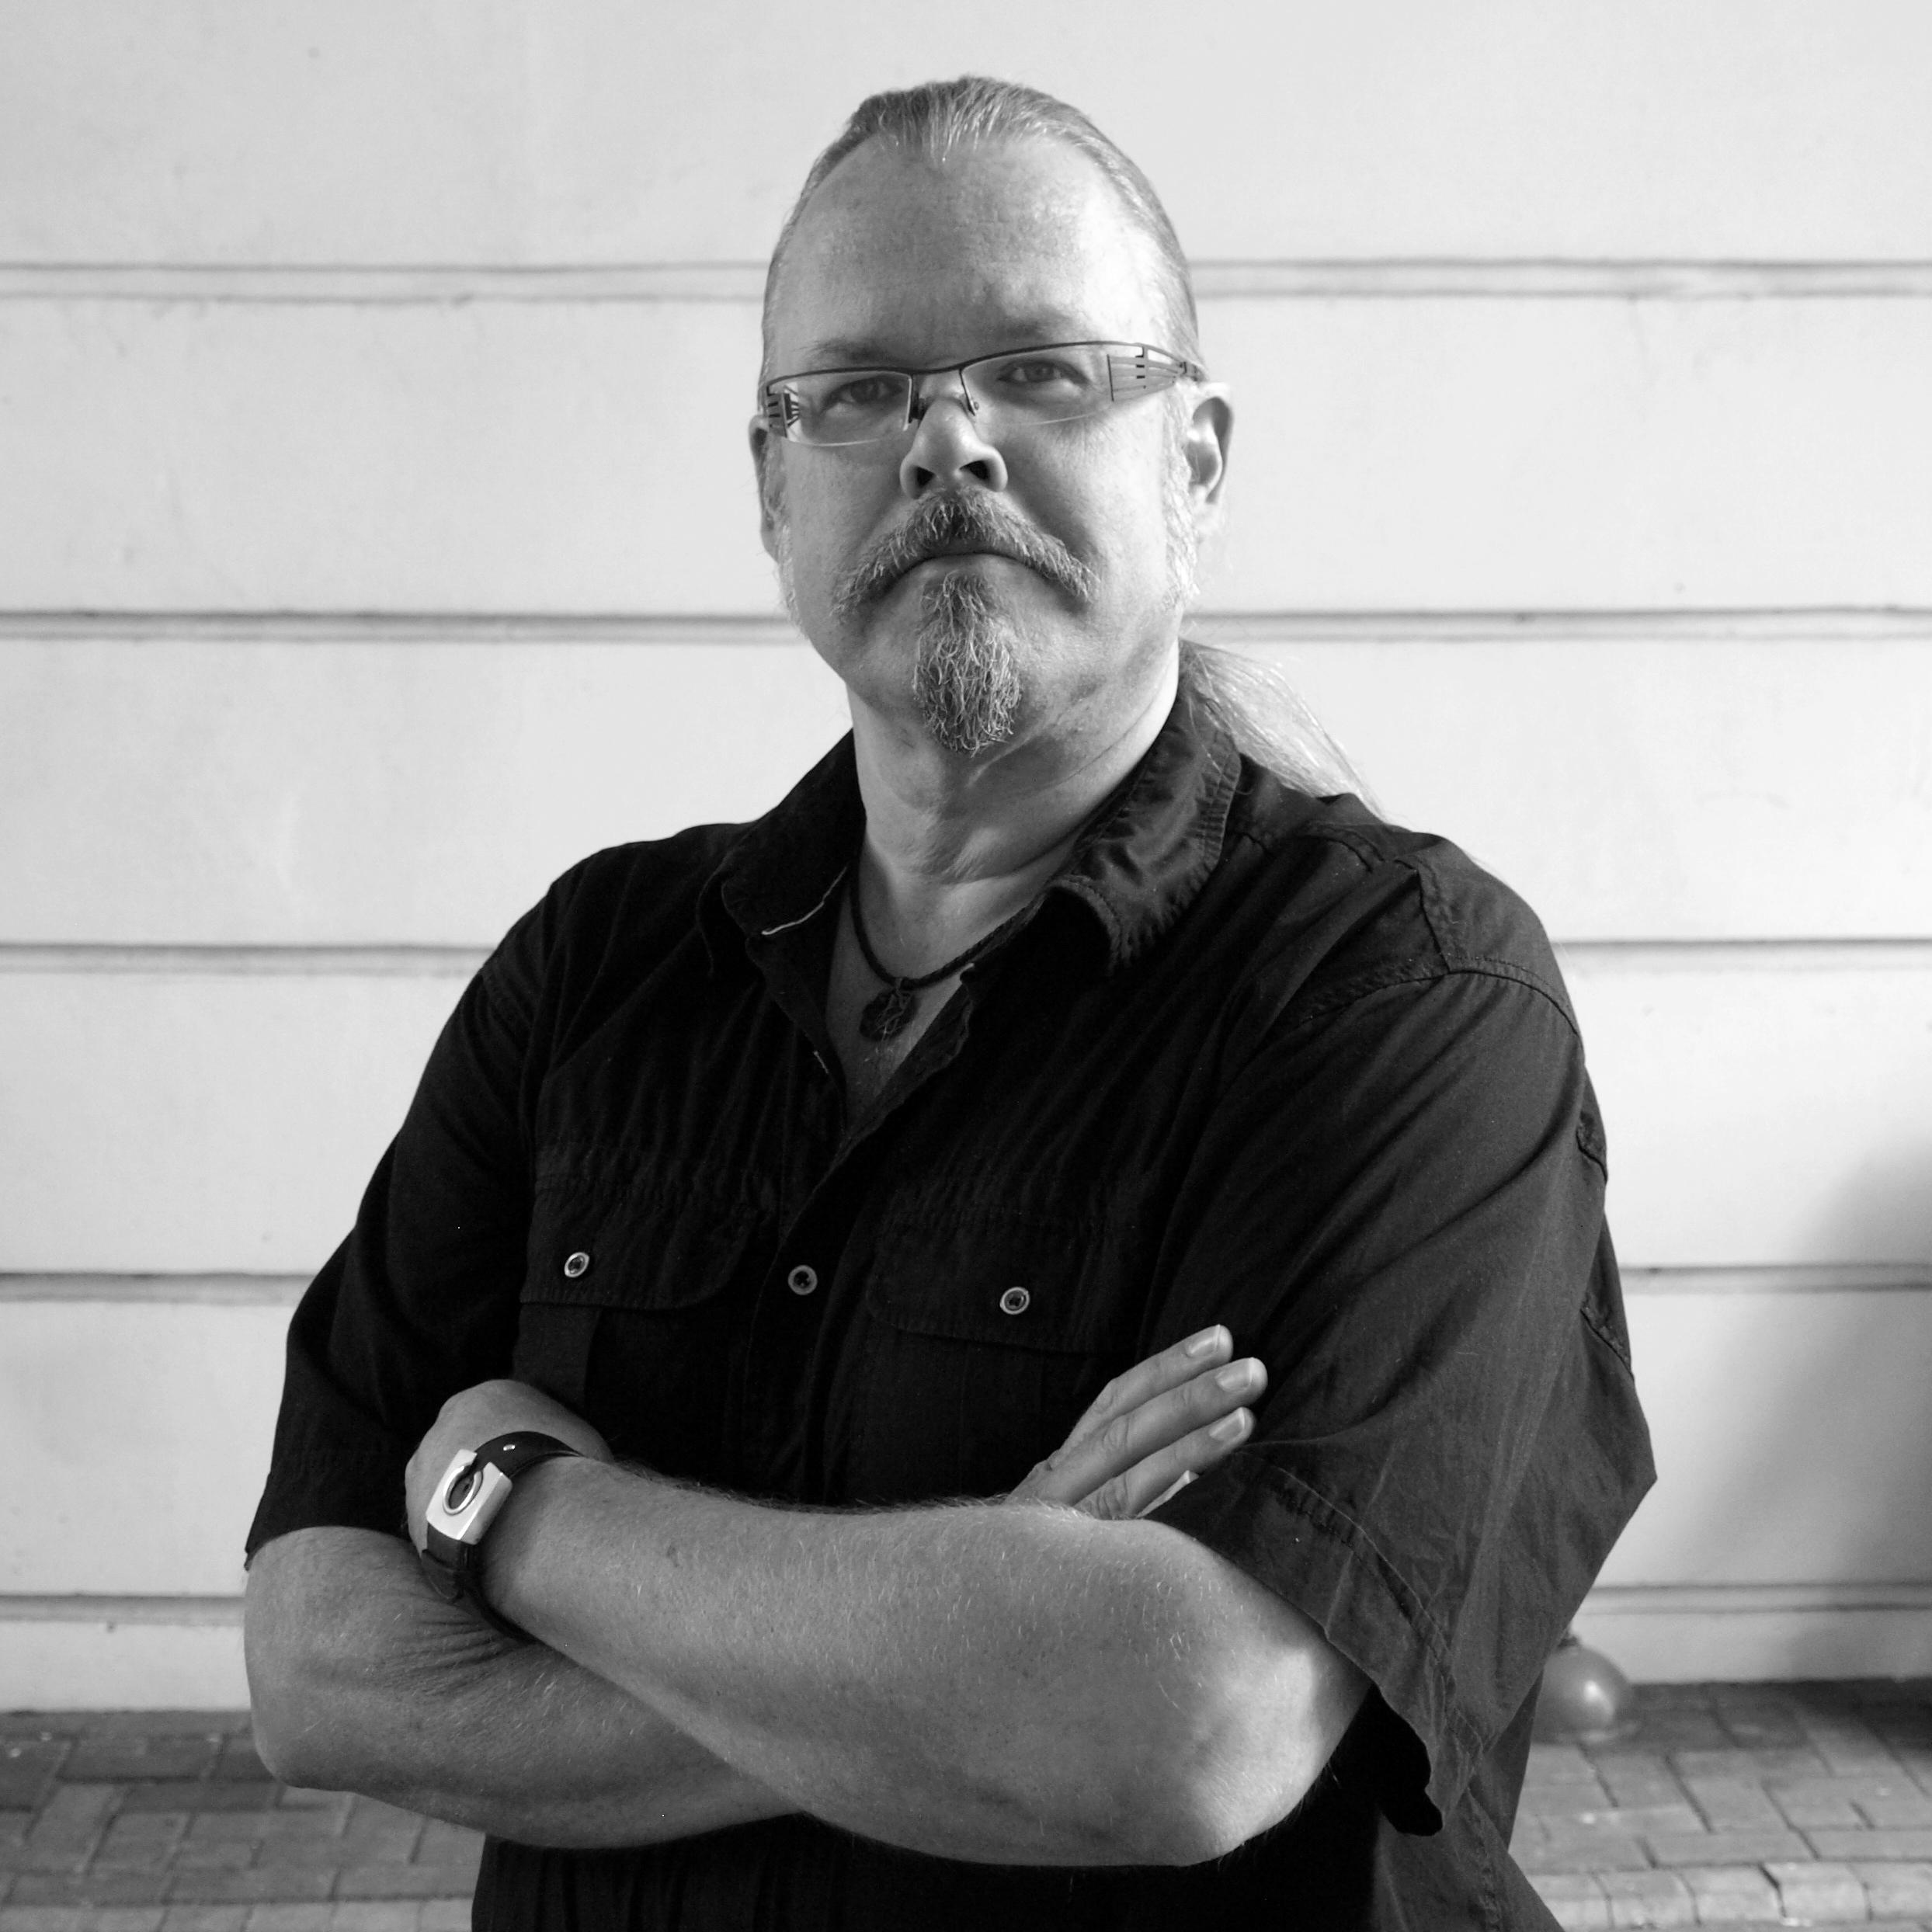 Markus Hotakainen  on tietokirjailija ja tiedetoimittaja, joka on erikoistunut tähtitieteeseen ja avaruustutkimukseen. Hän on kirjoittanut laajalti lehtiin ja verkkoon tiedeaiheista sekä julkaissut lukuisia kirjoja.     Arvostelukappaleet ja haastattelut  >  heini.salminen@kosmoskirjat.fi